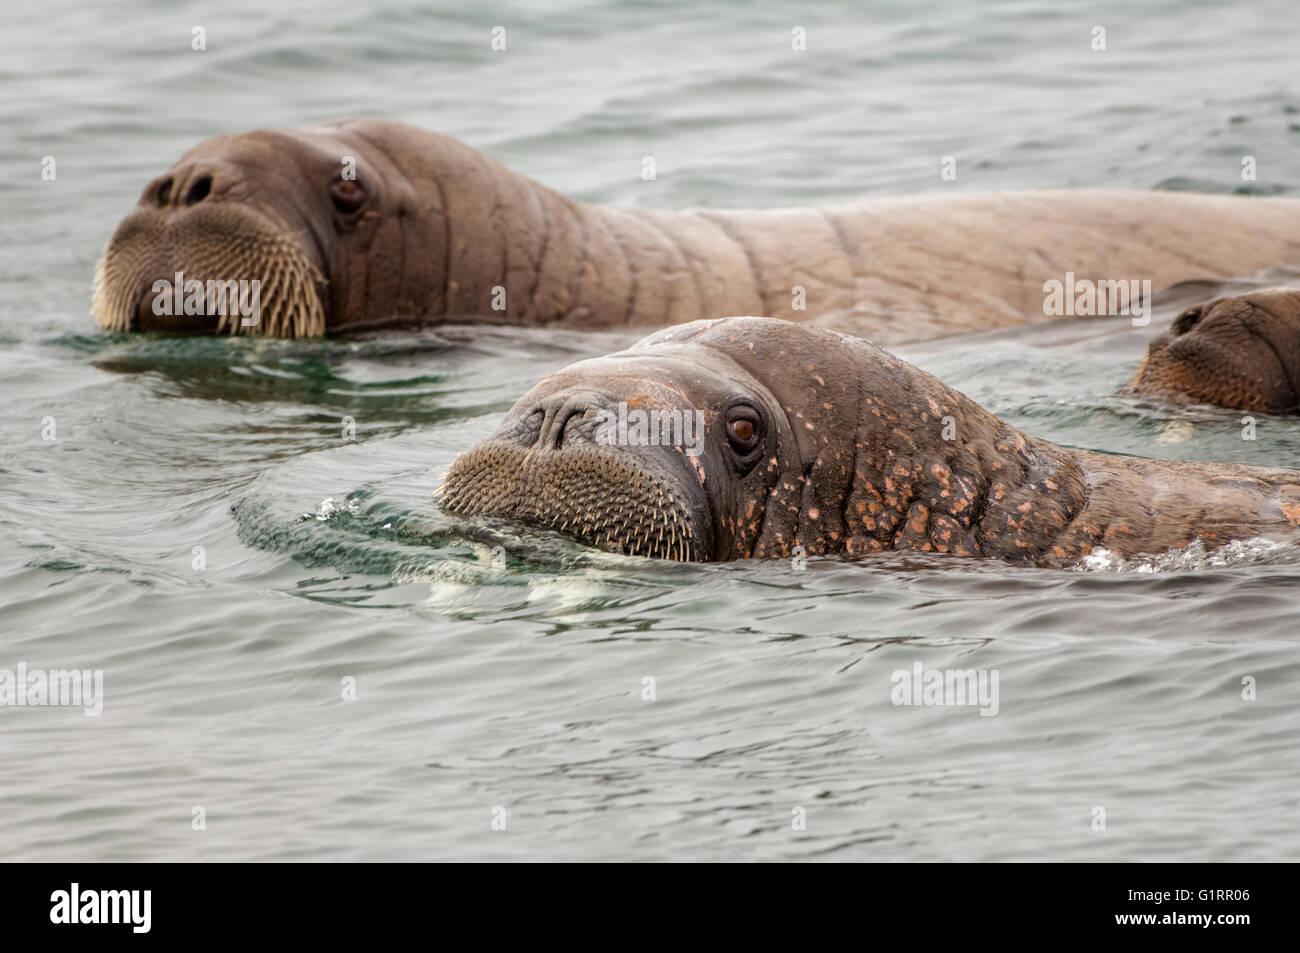 Walross (Odobenus Rosmarus), Torellneset Island, Spitzbergen, Arktis Norwegen Stockbild